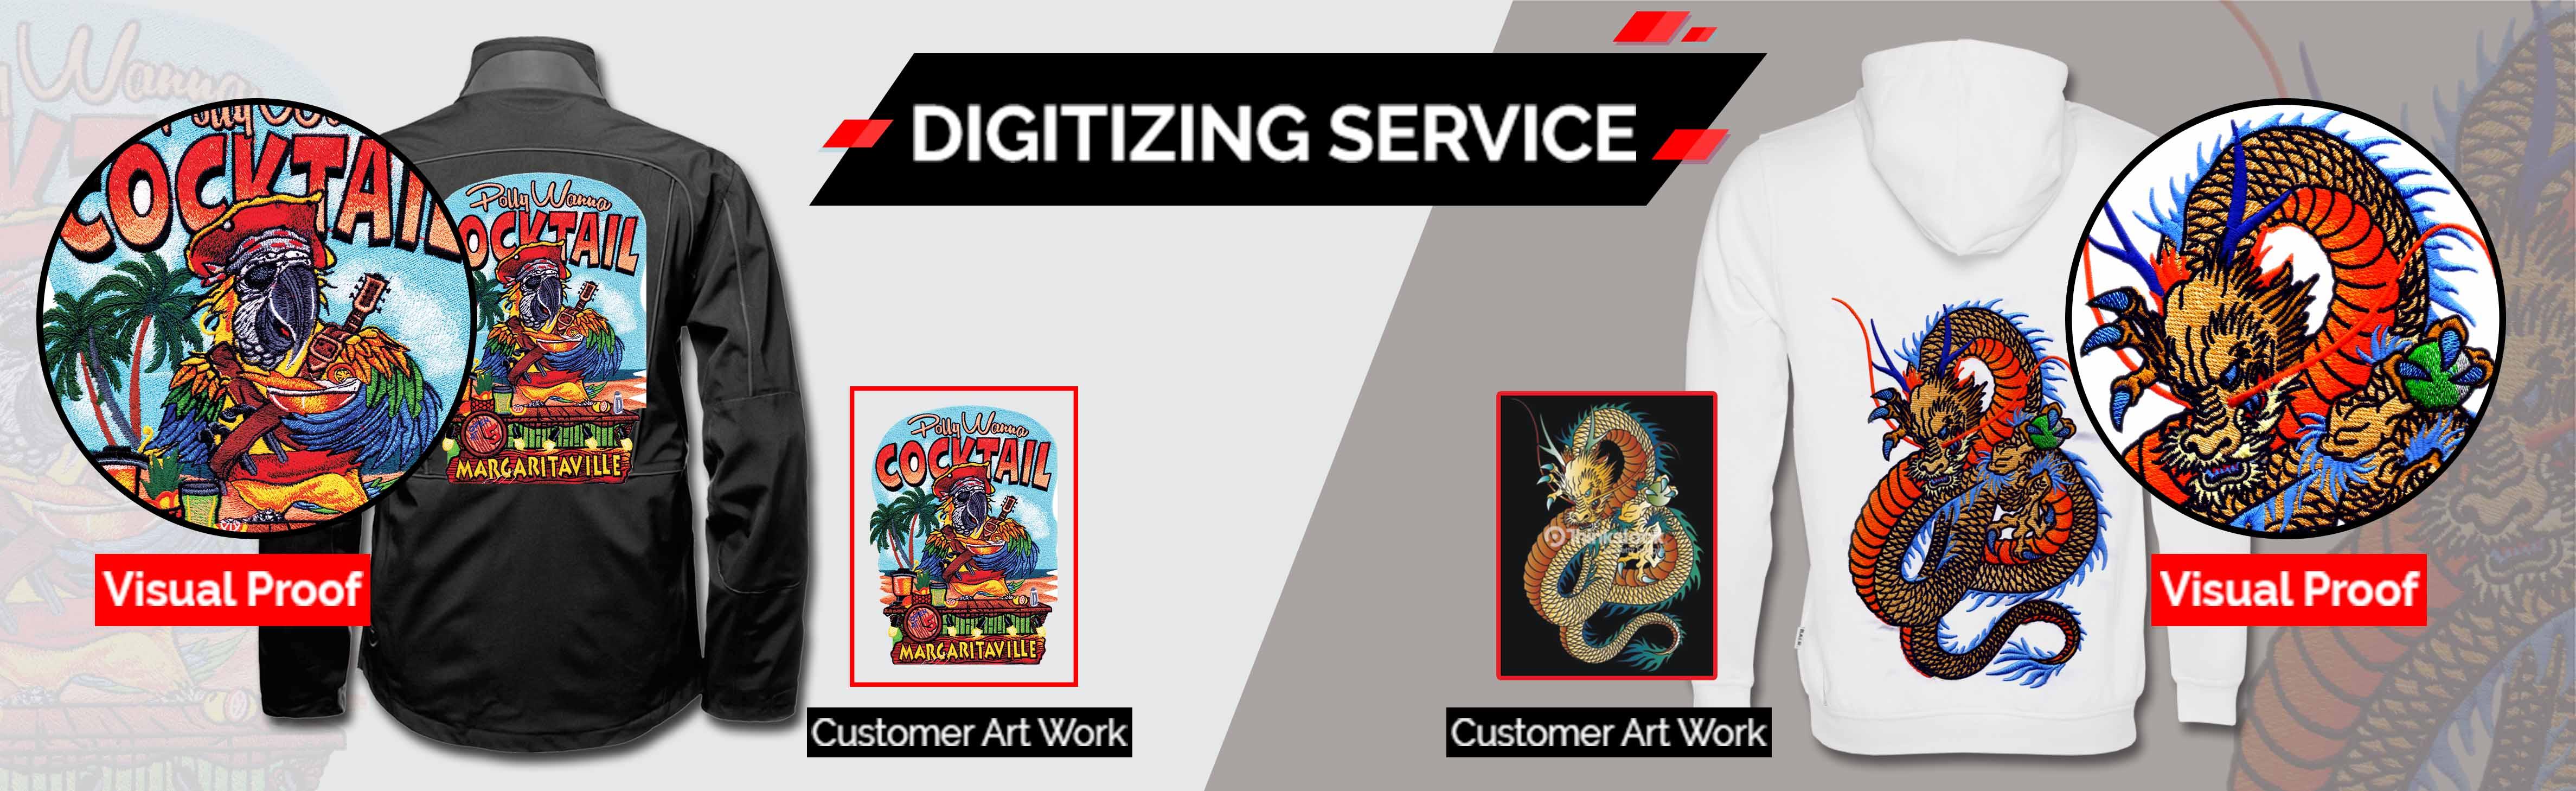 digitize Banner Image